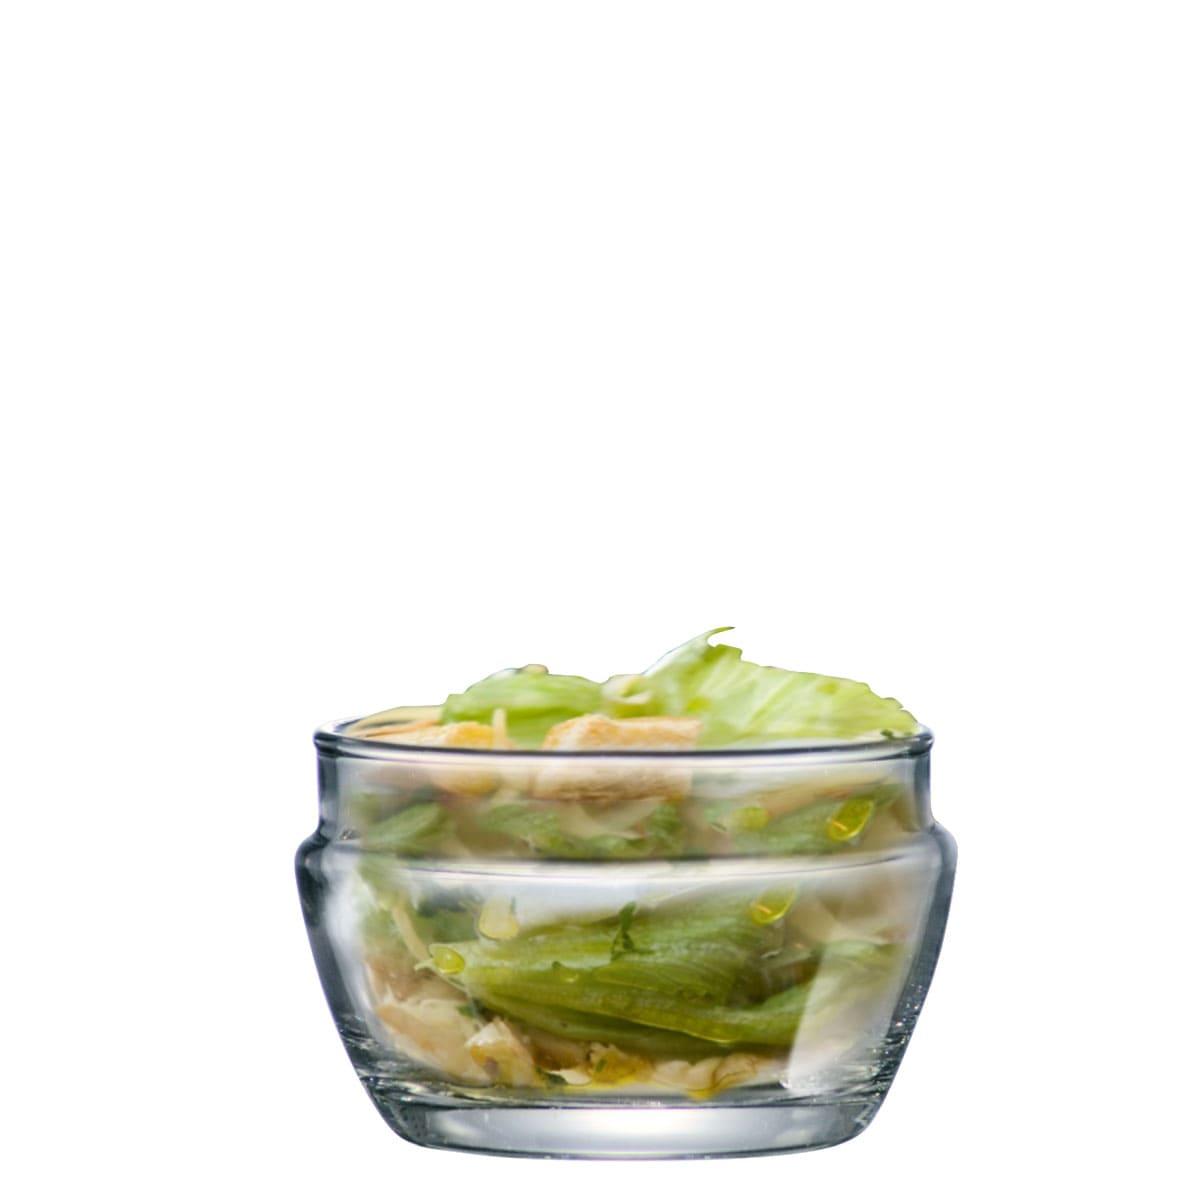 Saladeira Lotus de Vidro (Caixa com 12 unidades)